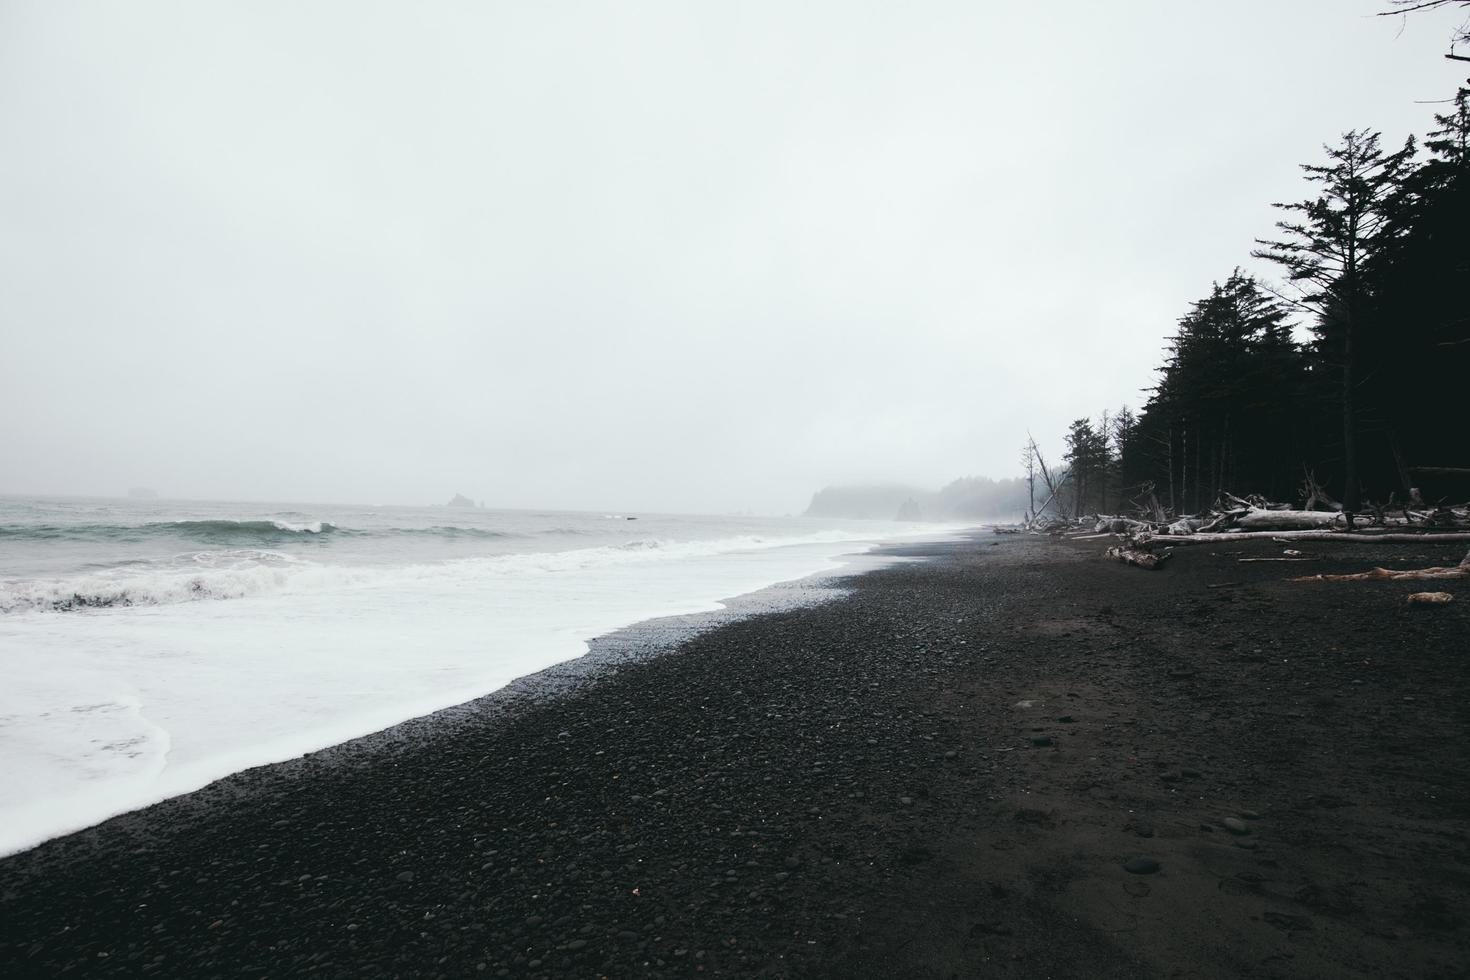 gråskalafotografering av kusten foto